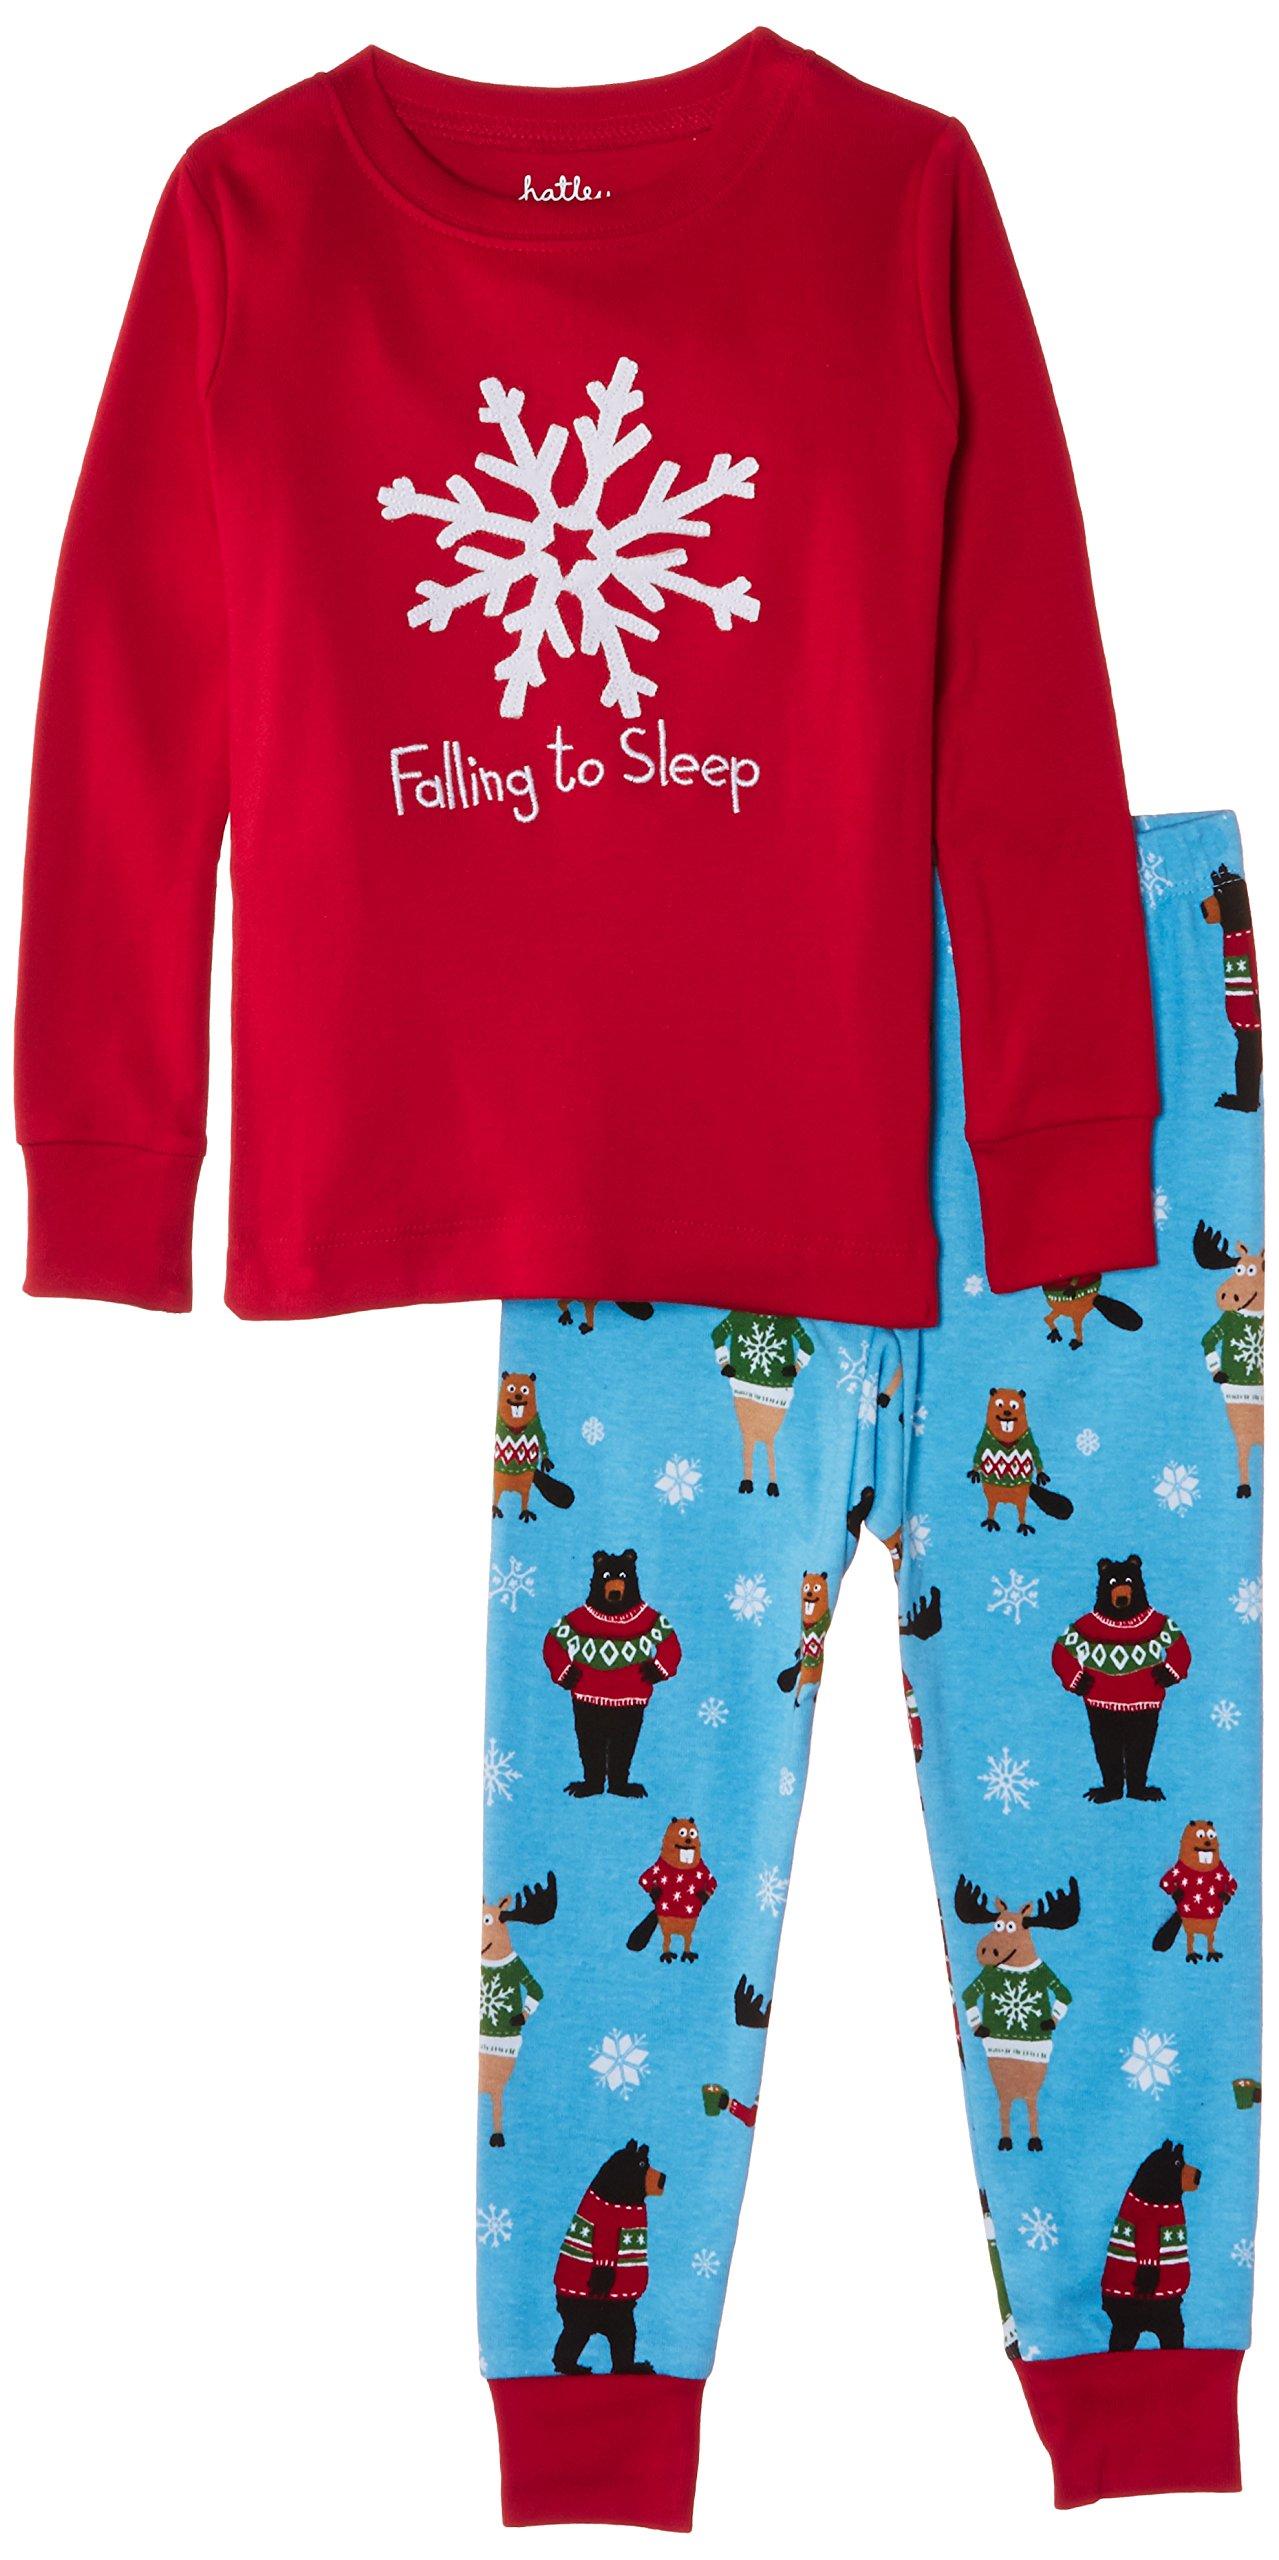 Hatley Little Girls'  Pajama Set - Falling To Sleep, Red, 2 by Hatley (Image #1)